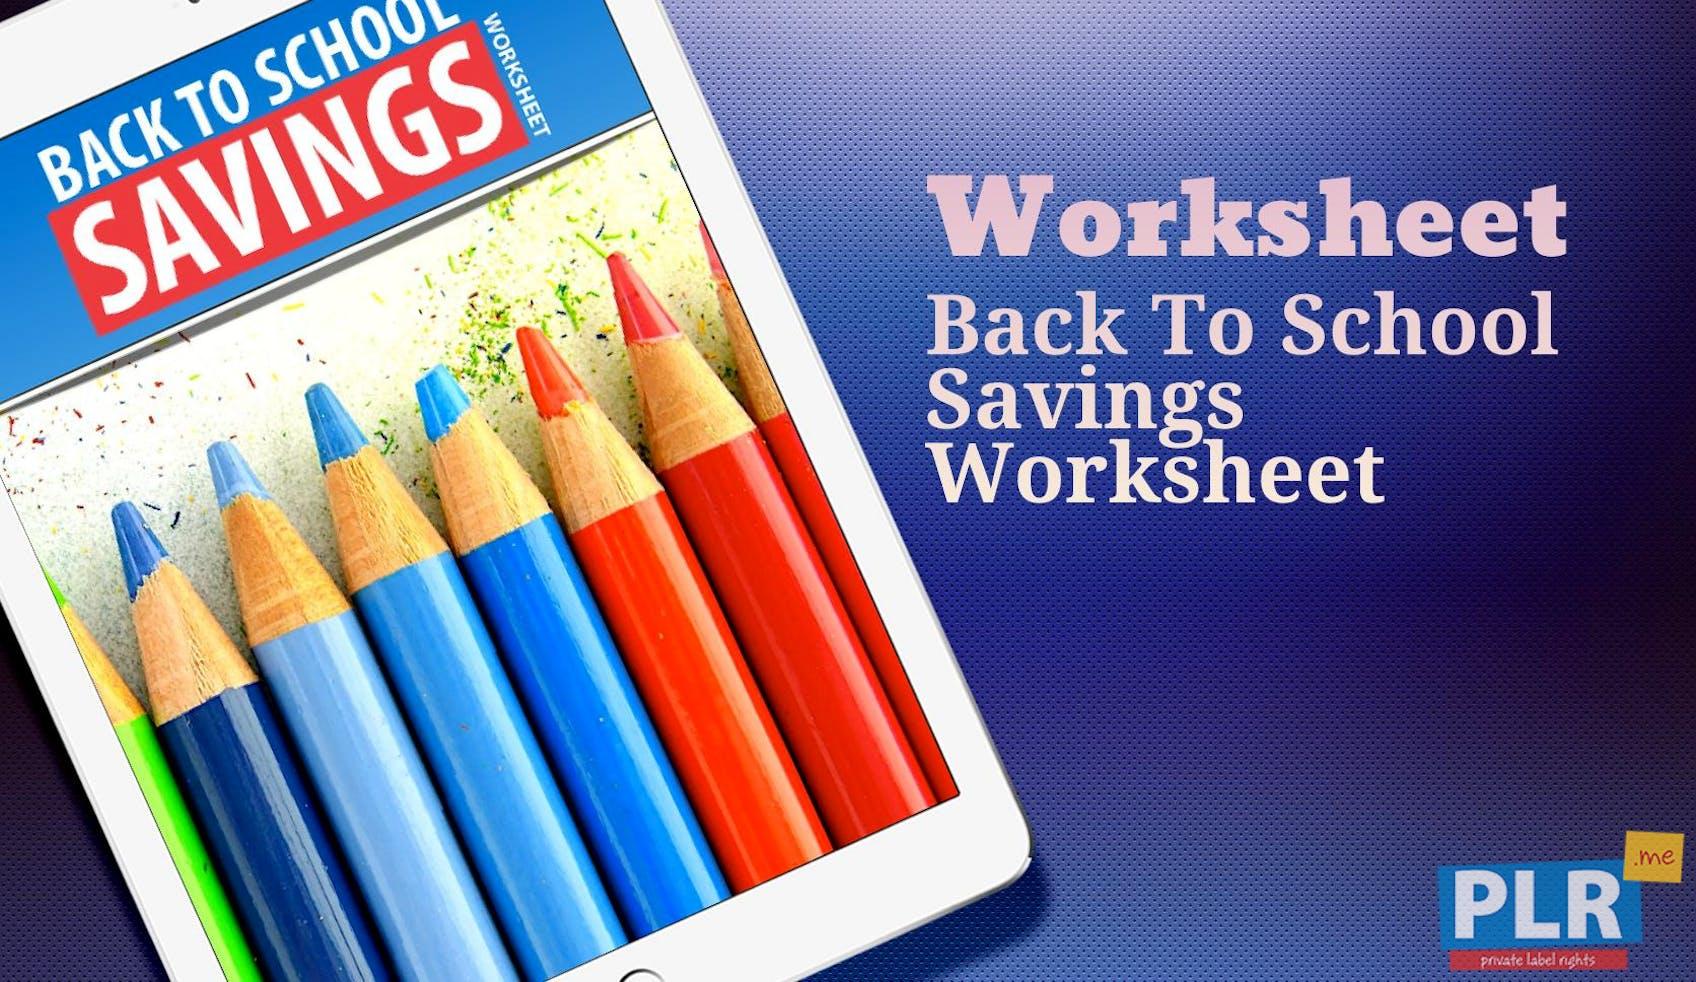 Back To School Savings Worksheet